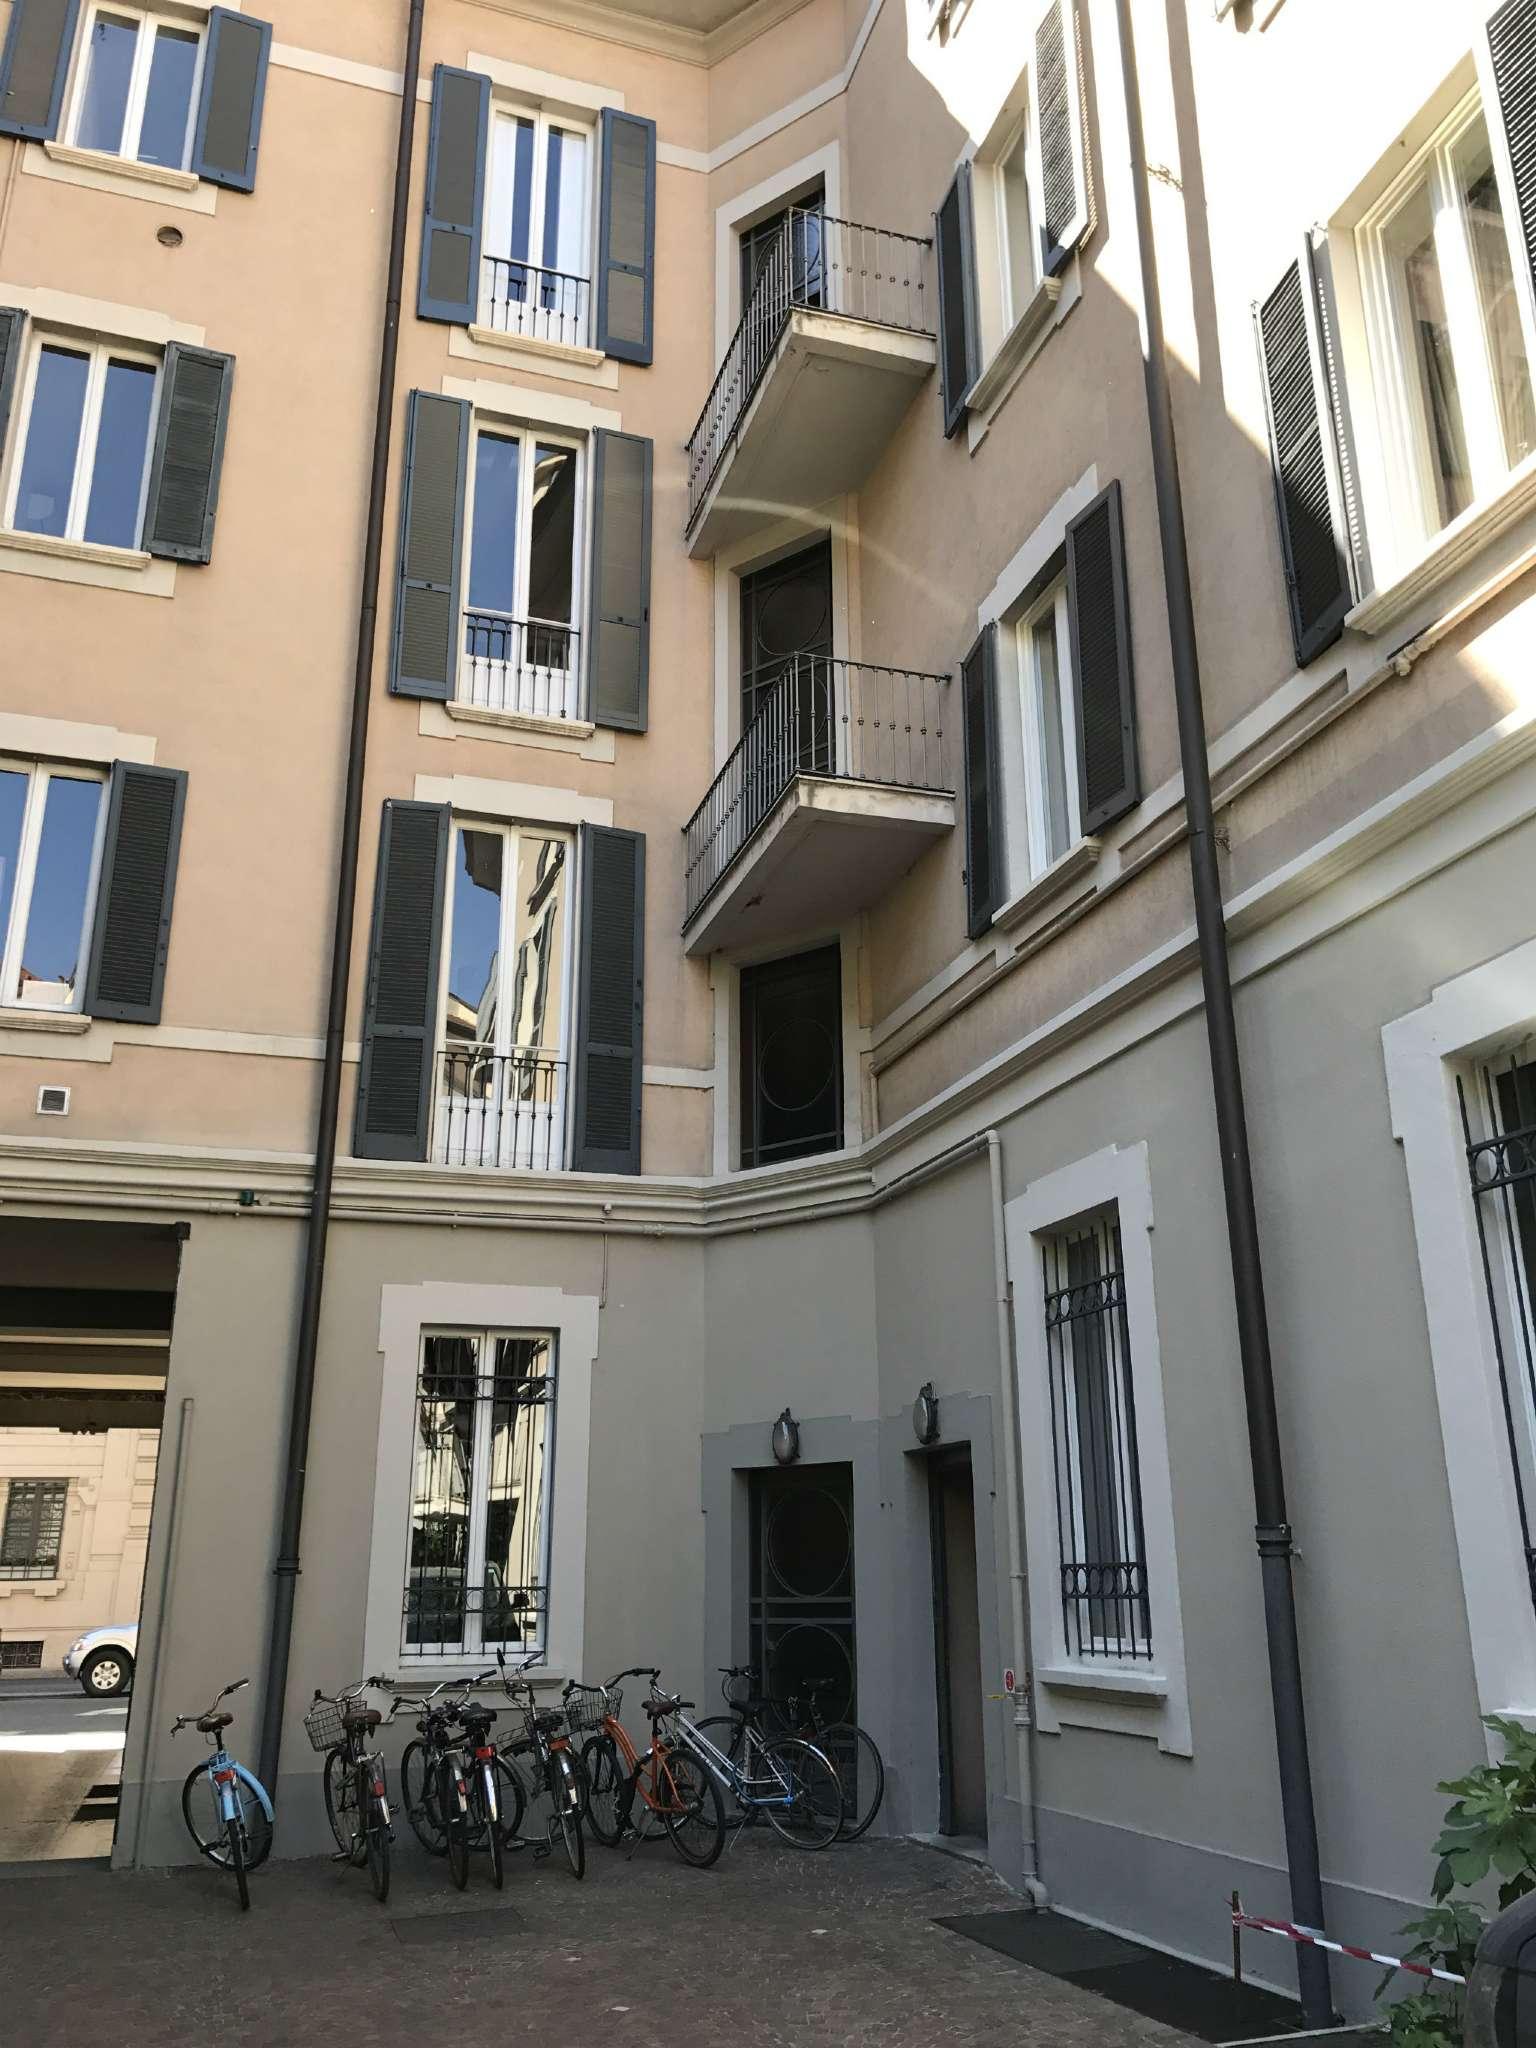 Affitto immobili di pregio a milano fontana immobili di for Milano immobili di prestigio